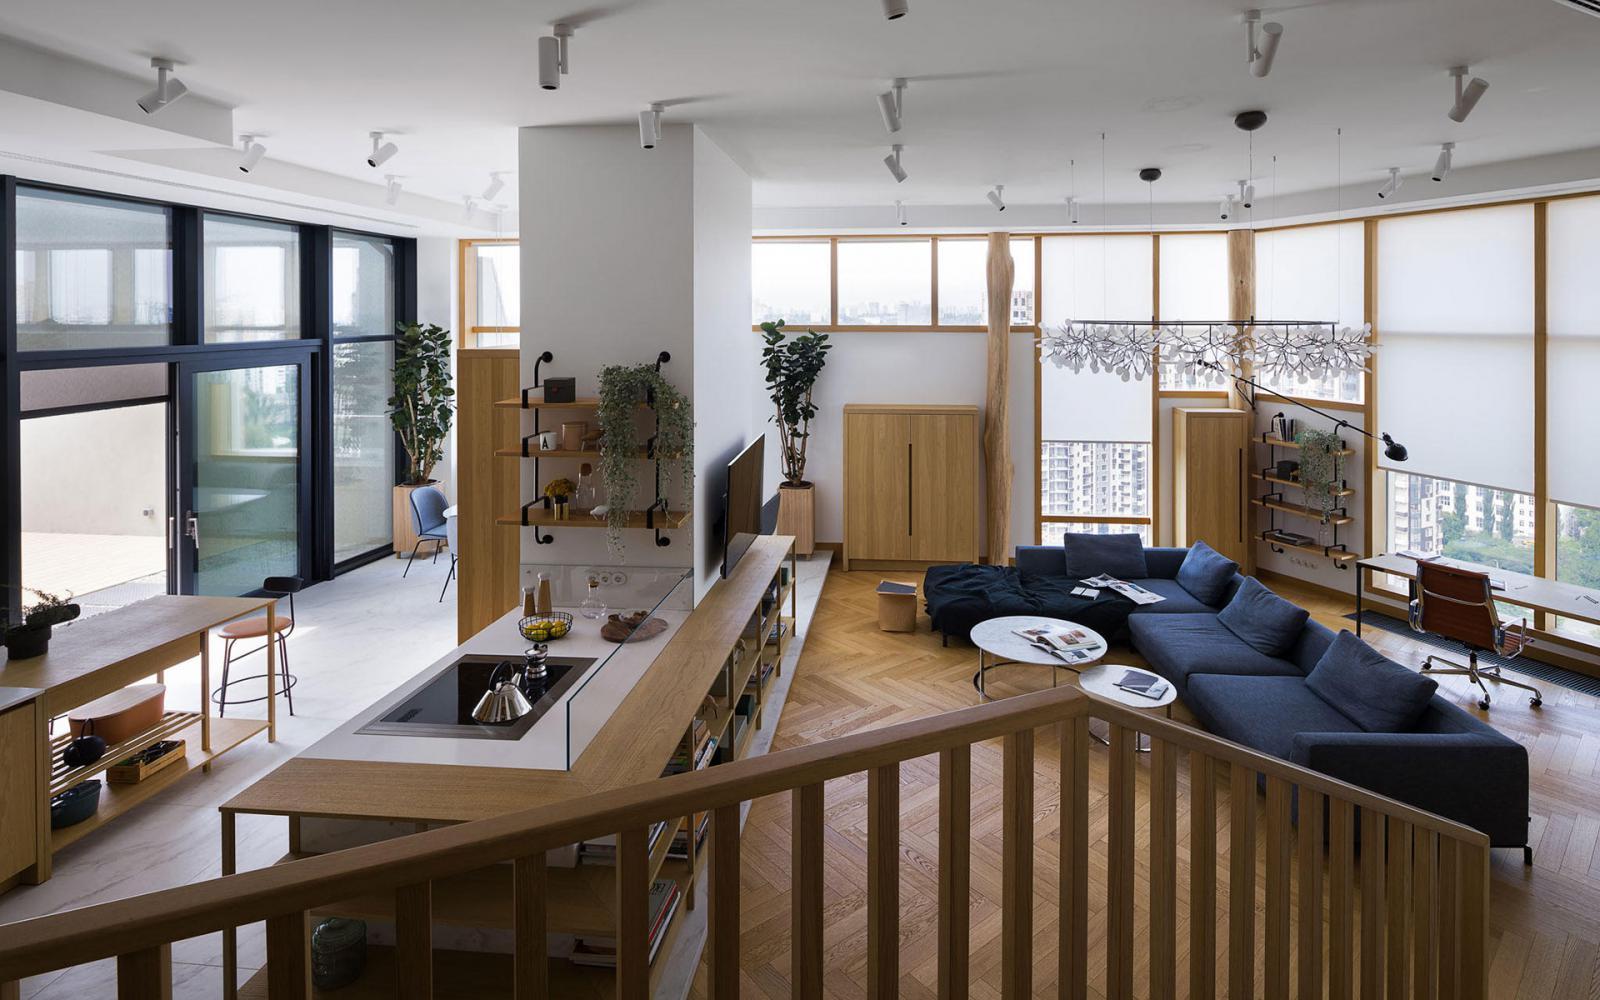 Квартира с террасой и деревьями по проекту Алены Юдиной